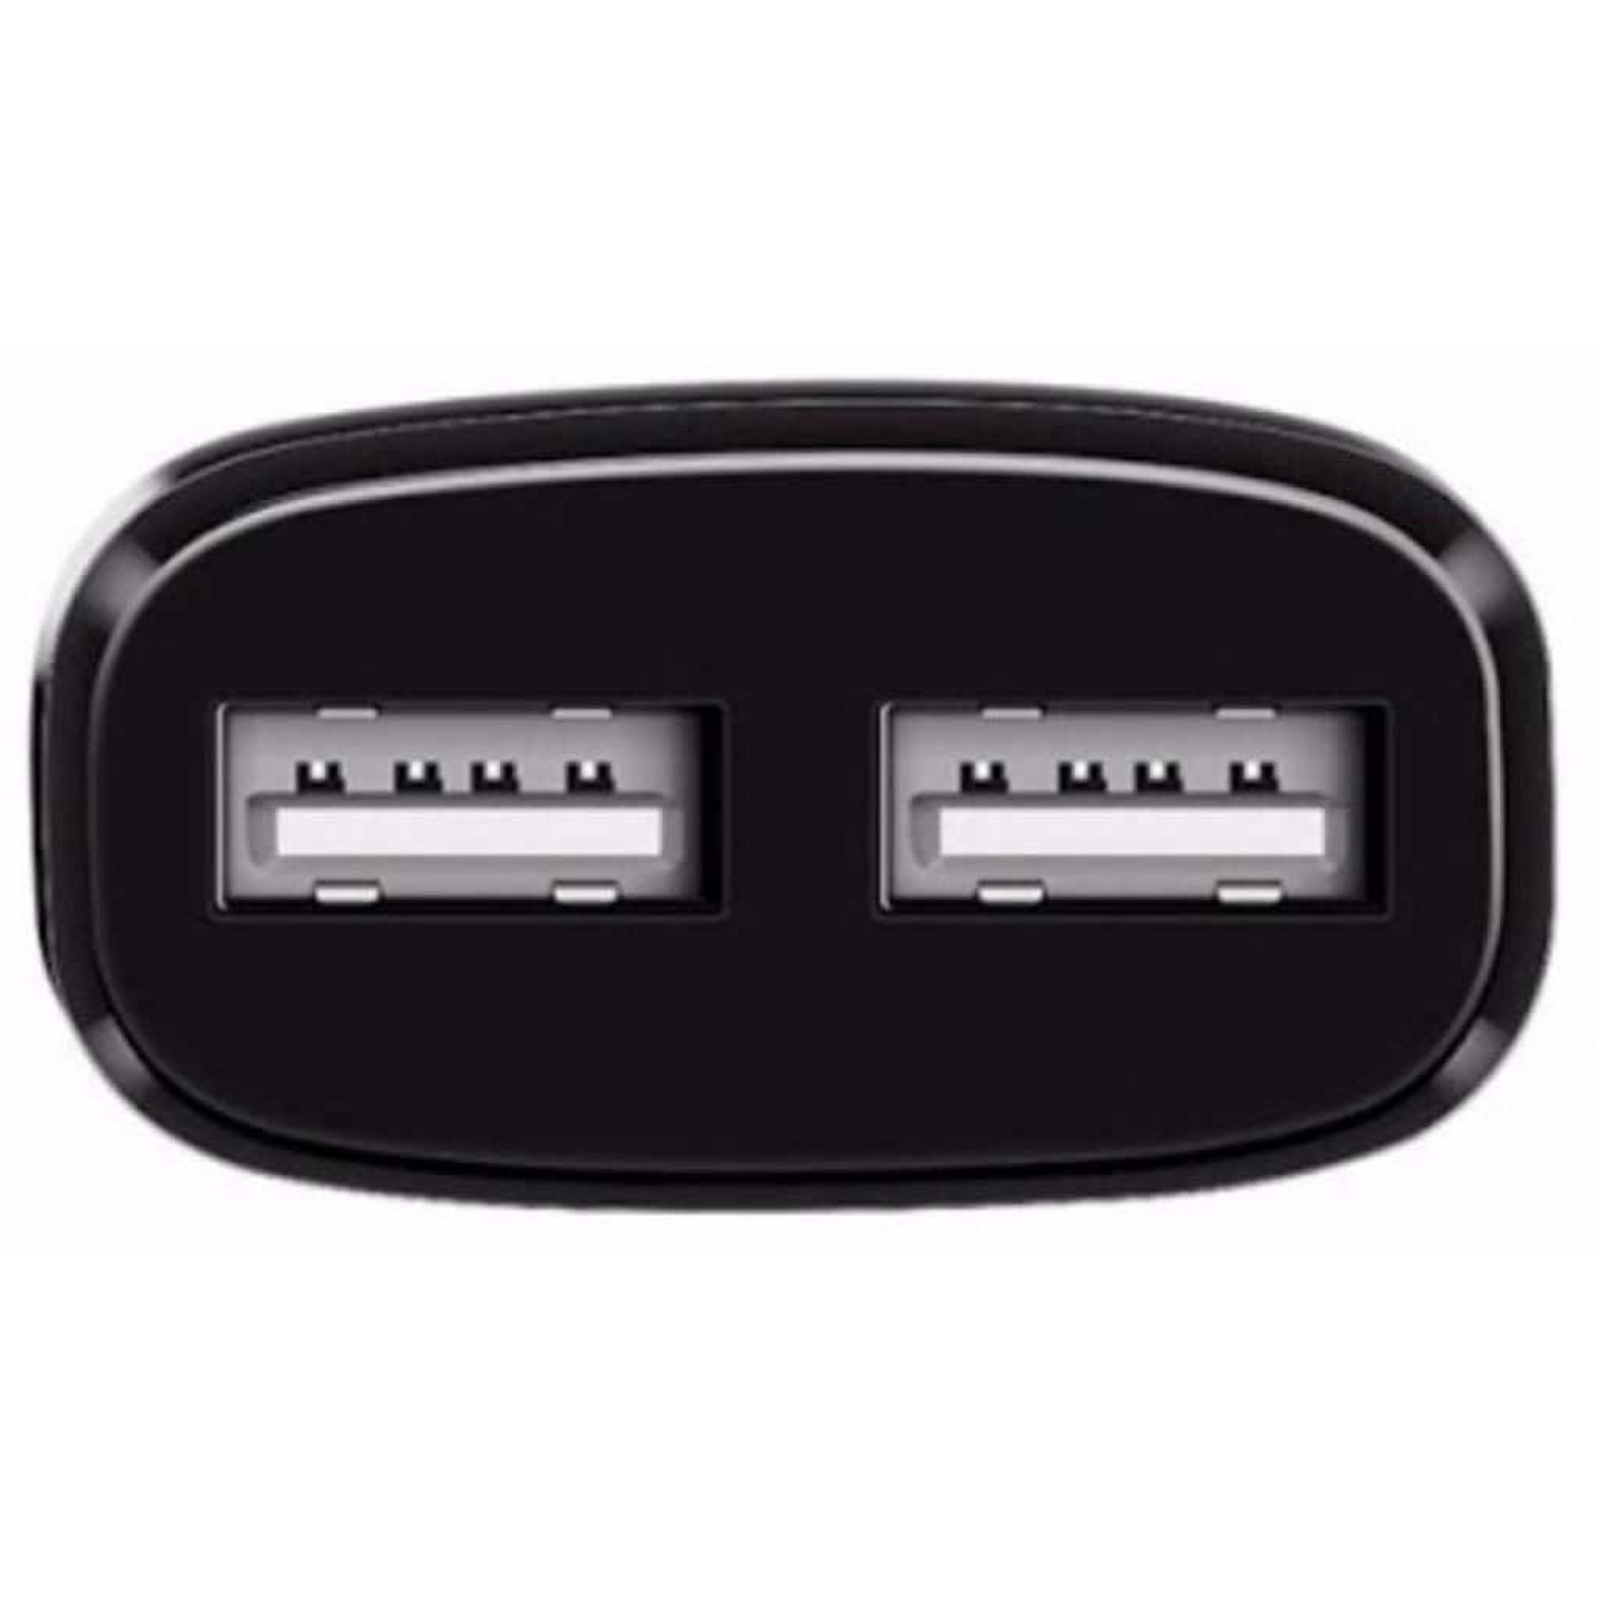 Зарядное устройство HOCO C12 2*USB, 2.4A, Black (65596) изображение 4